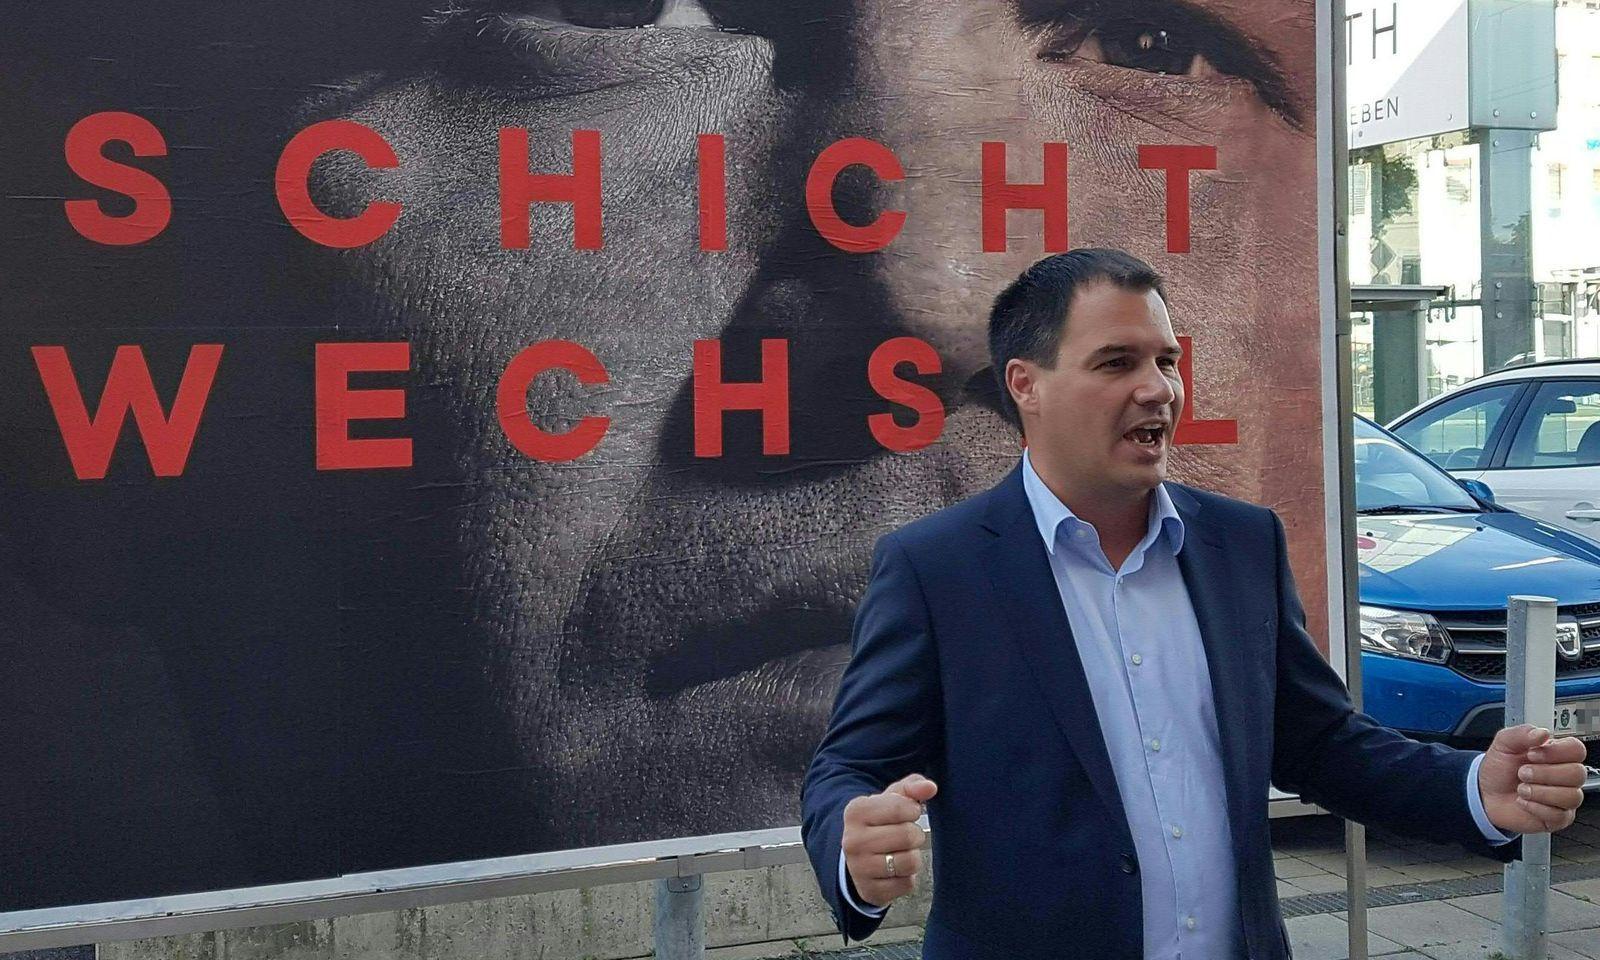 Michael Schickhofer am Freitag, 11. Oktober 2019